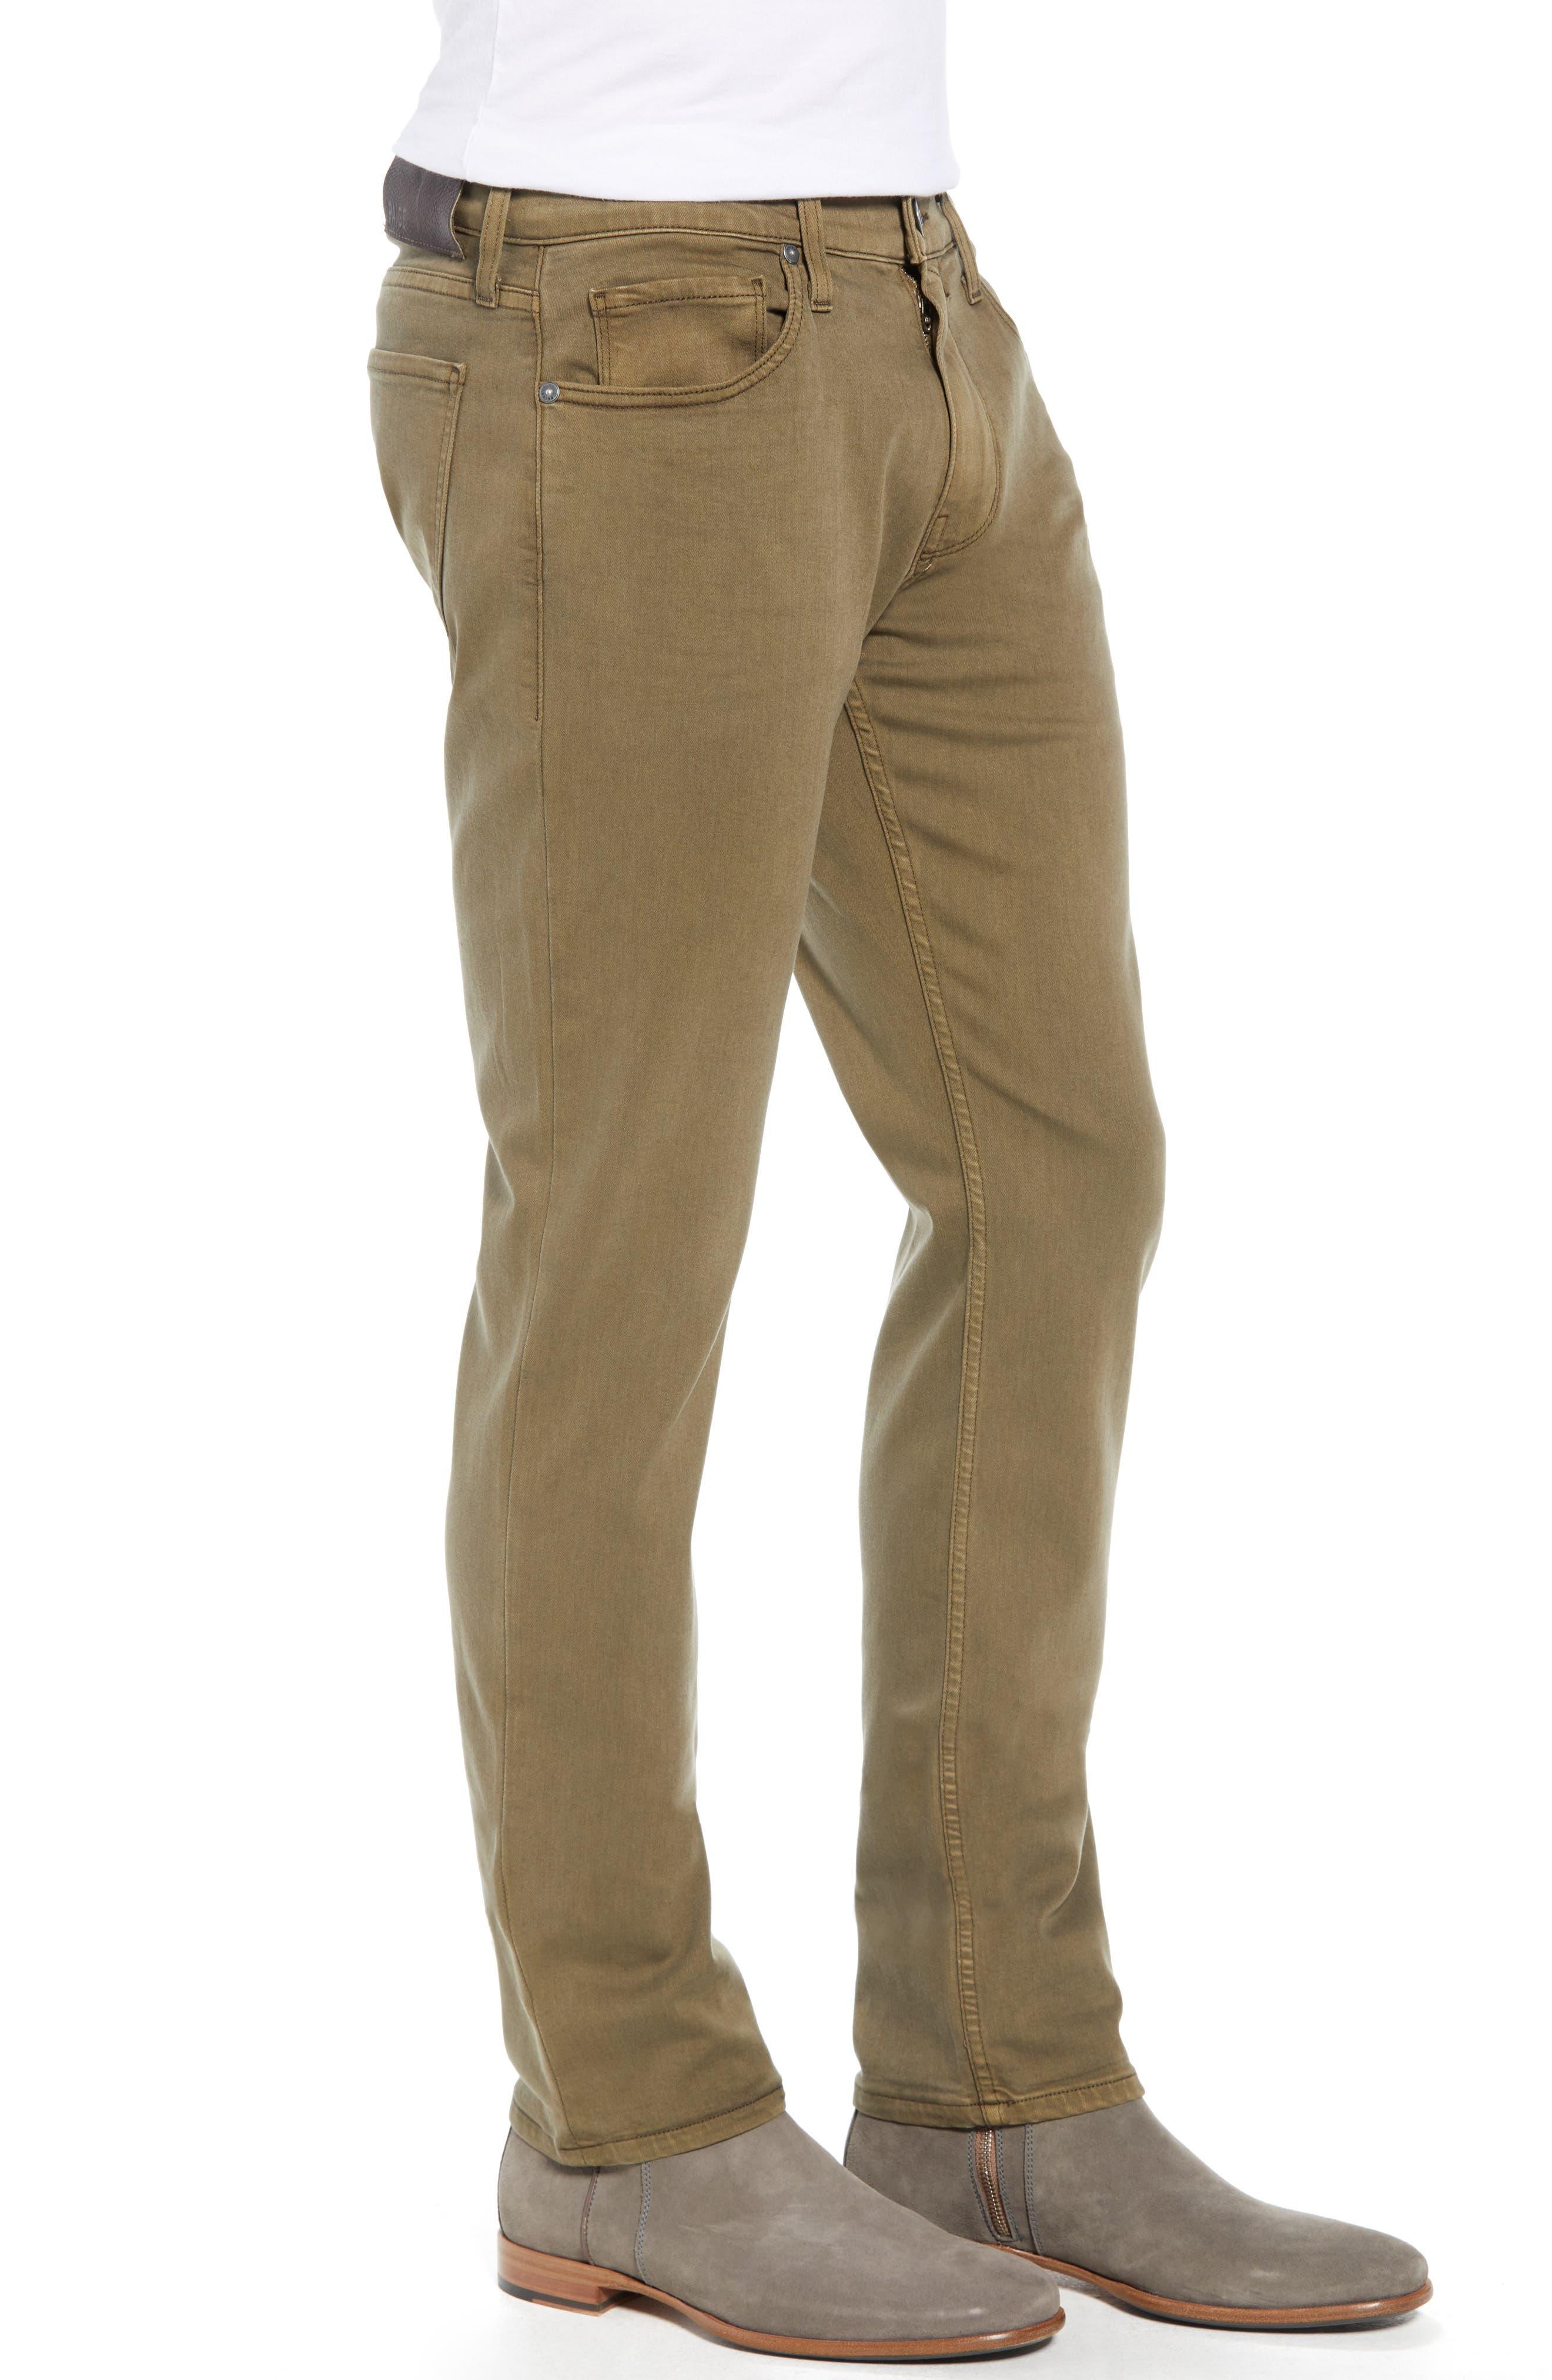 PAIGE,                             Transcend - Federal Slim Straight Leg Jeans,                             Alternate thumbnail 3, color,                             VINTAGE ARTICHOKE